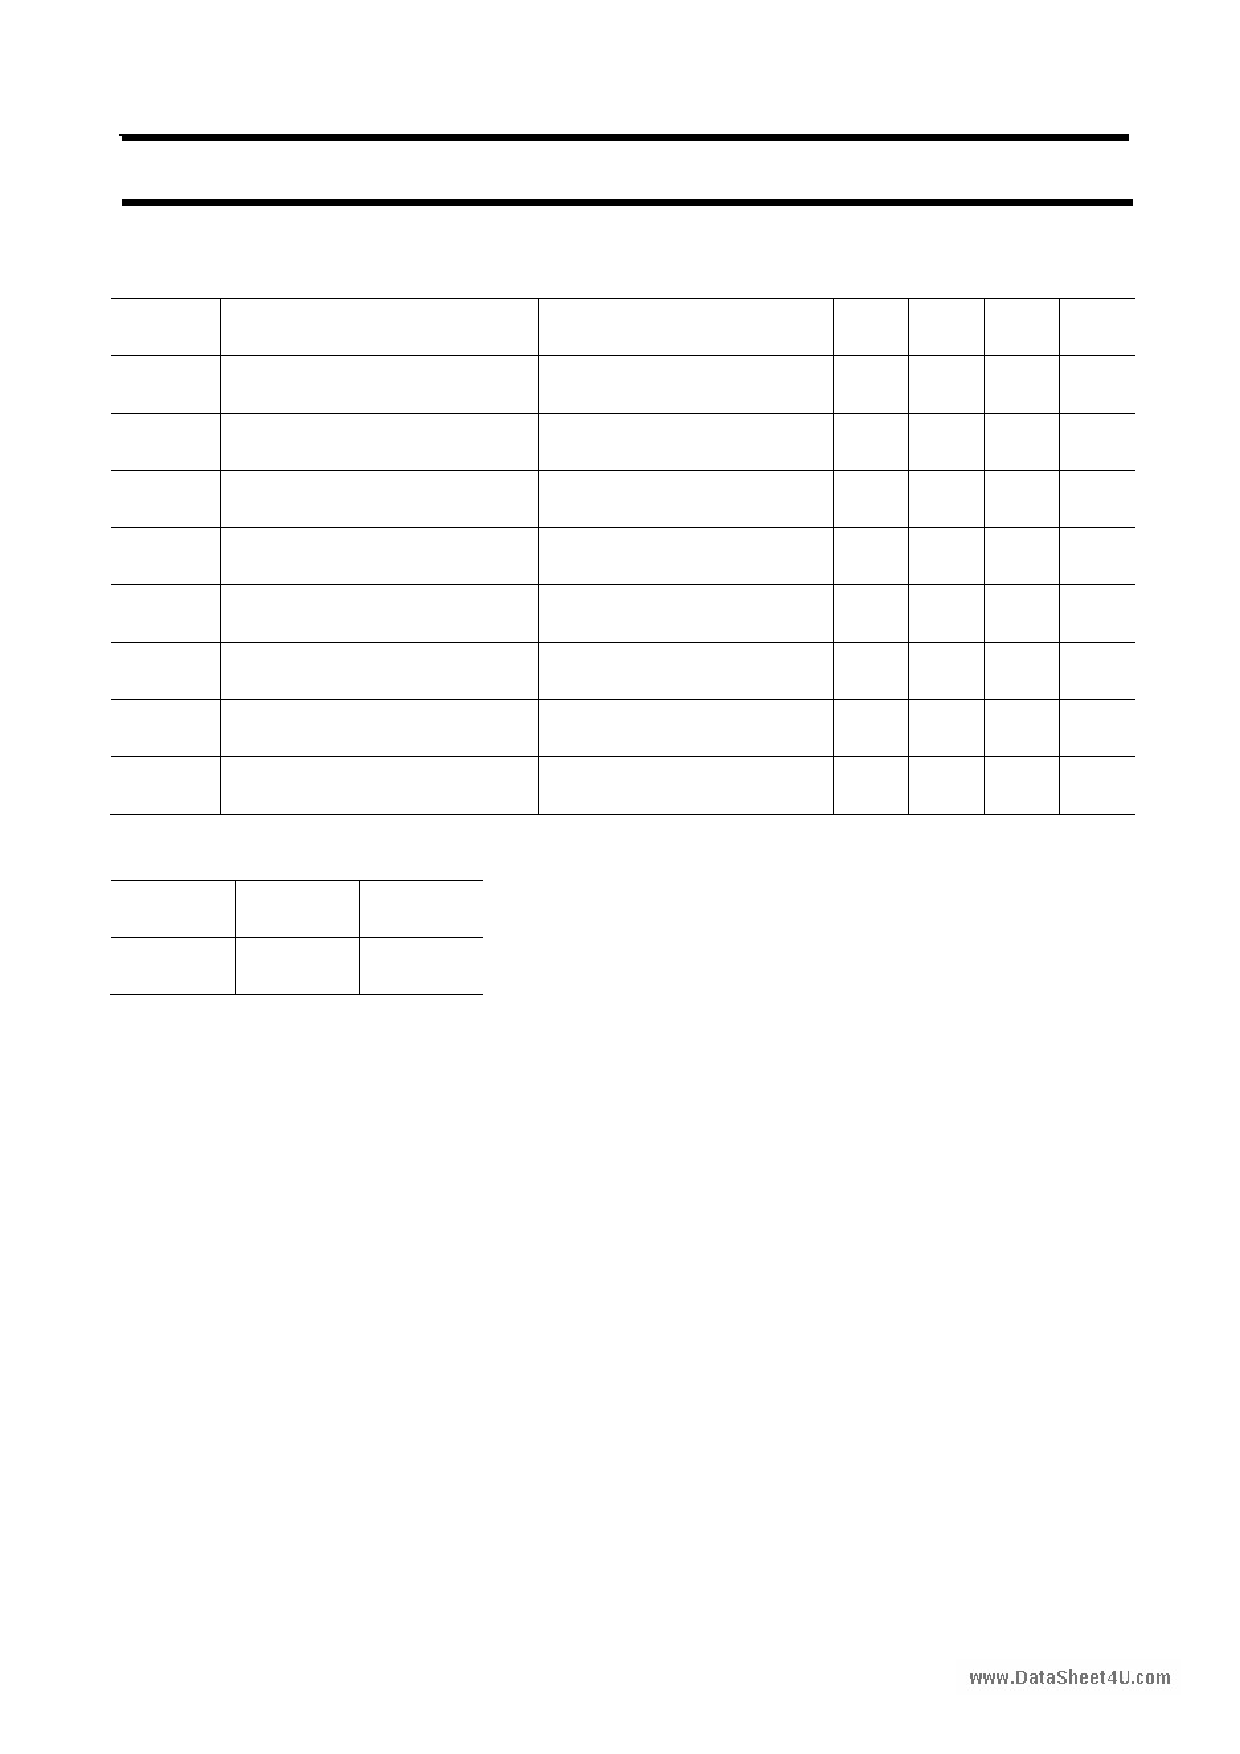 A1006 pdf, schematic